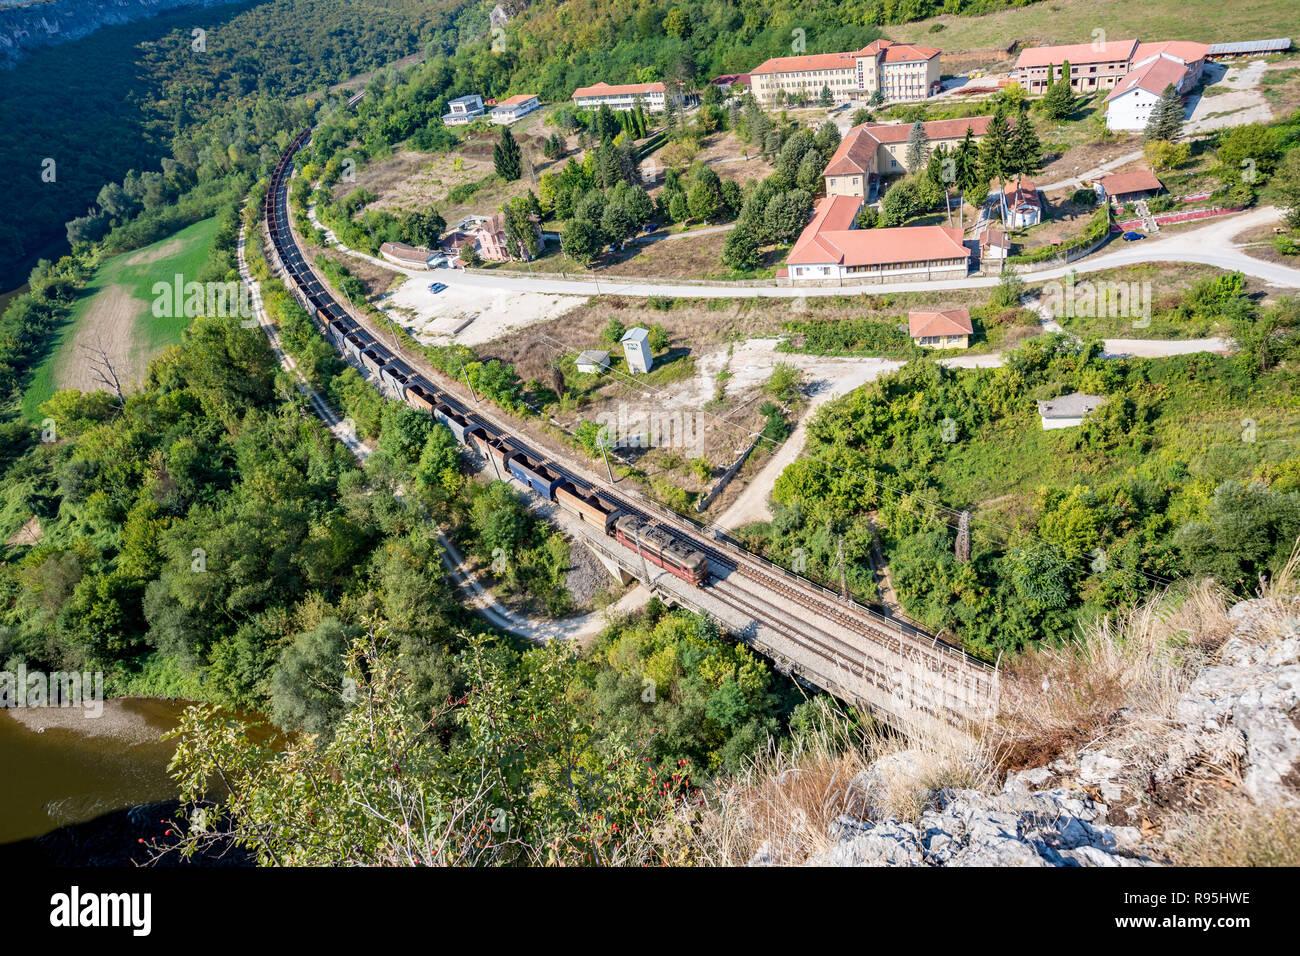 Lange leer Güterzug mit vielen Güterwagen verläuft in der Nähe des psychiatrischen Krankenhauses in der Nähe von Karlukovo, nördlichen Bulgarien im sonnigen Herbsttag, Landschaft Stockbild